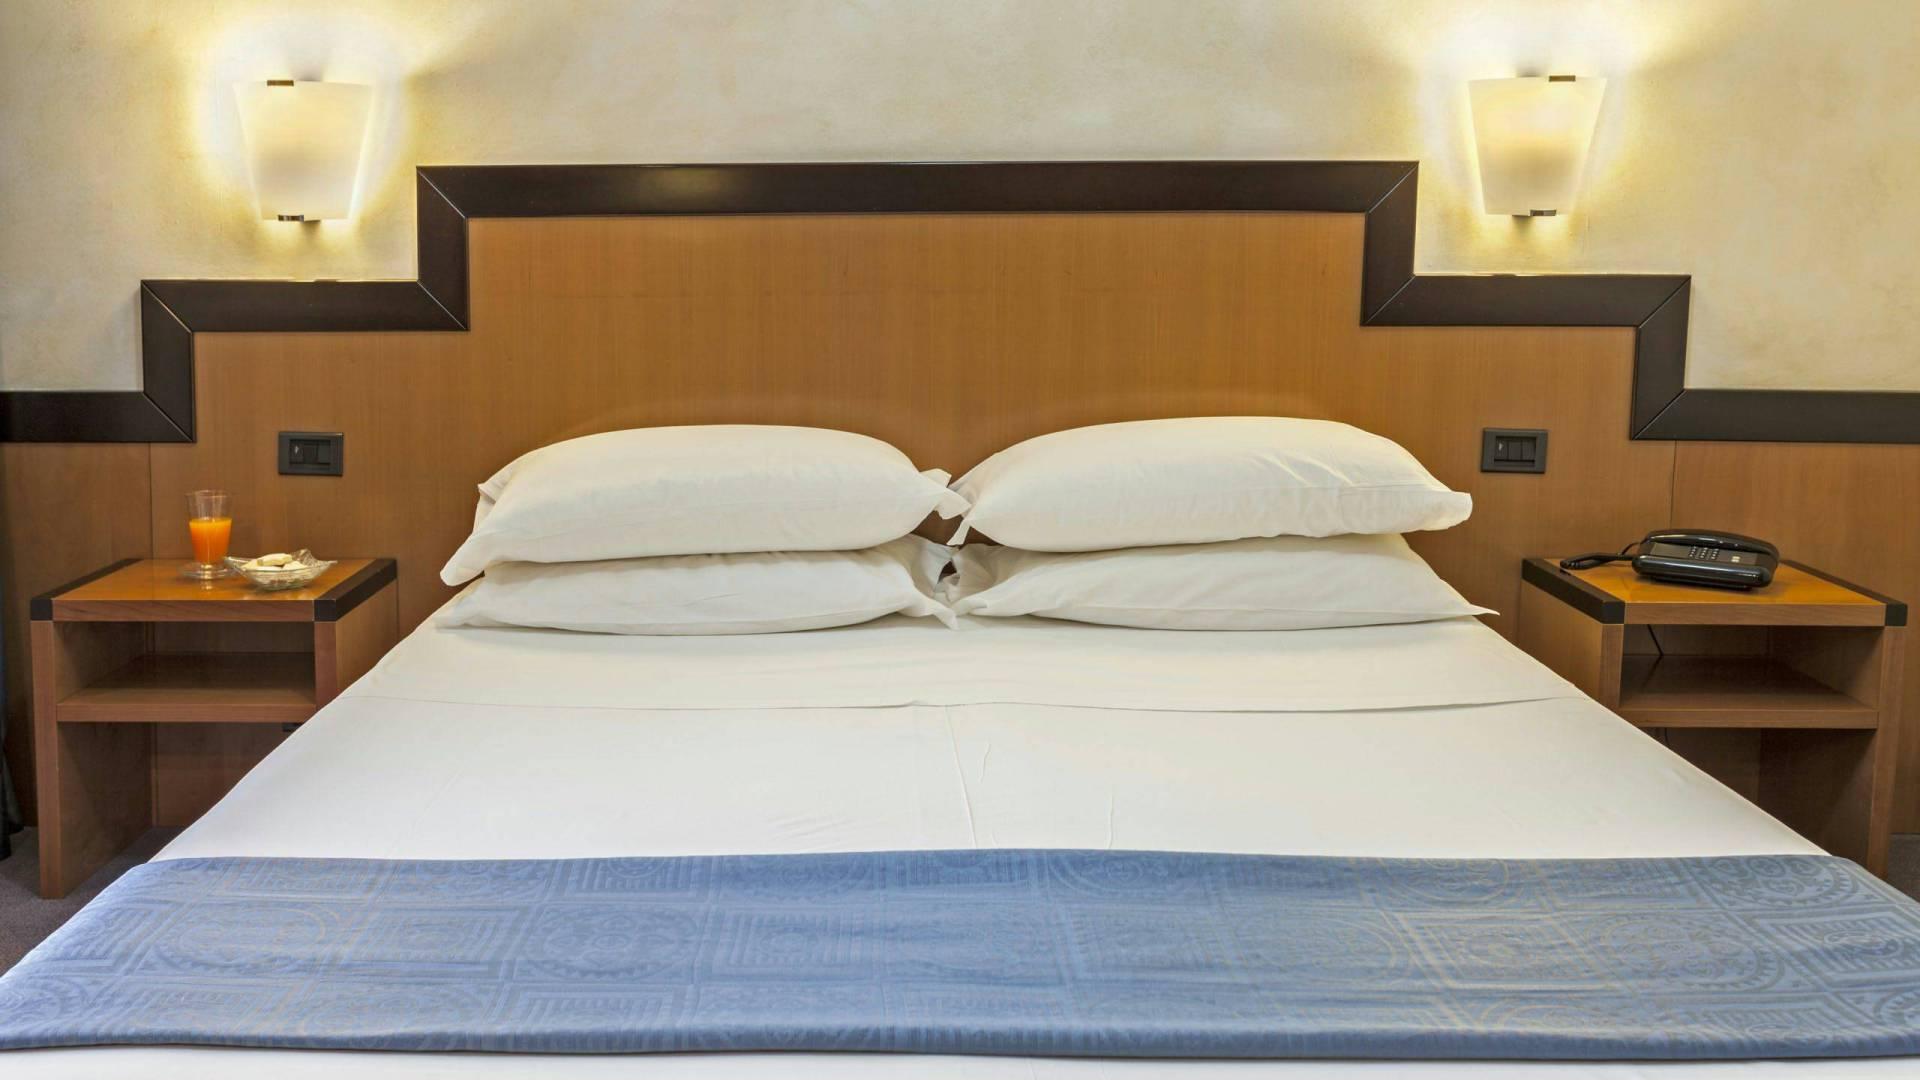 hotel-olimpia-avezzano-hotel-07